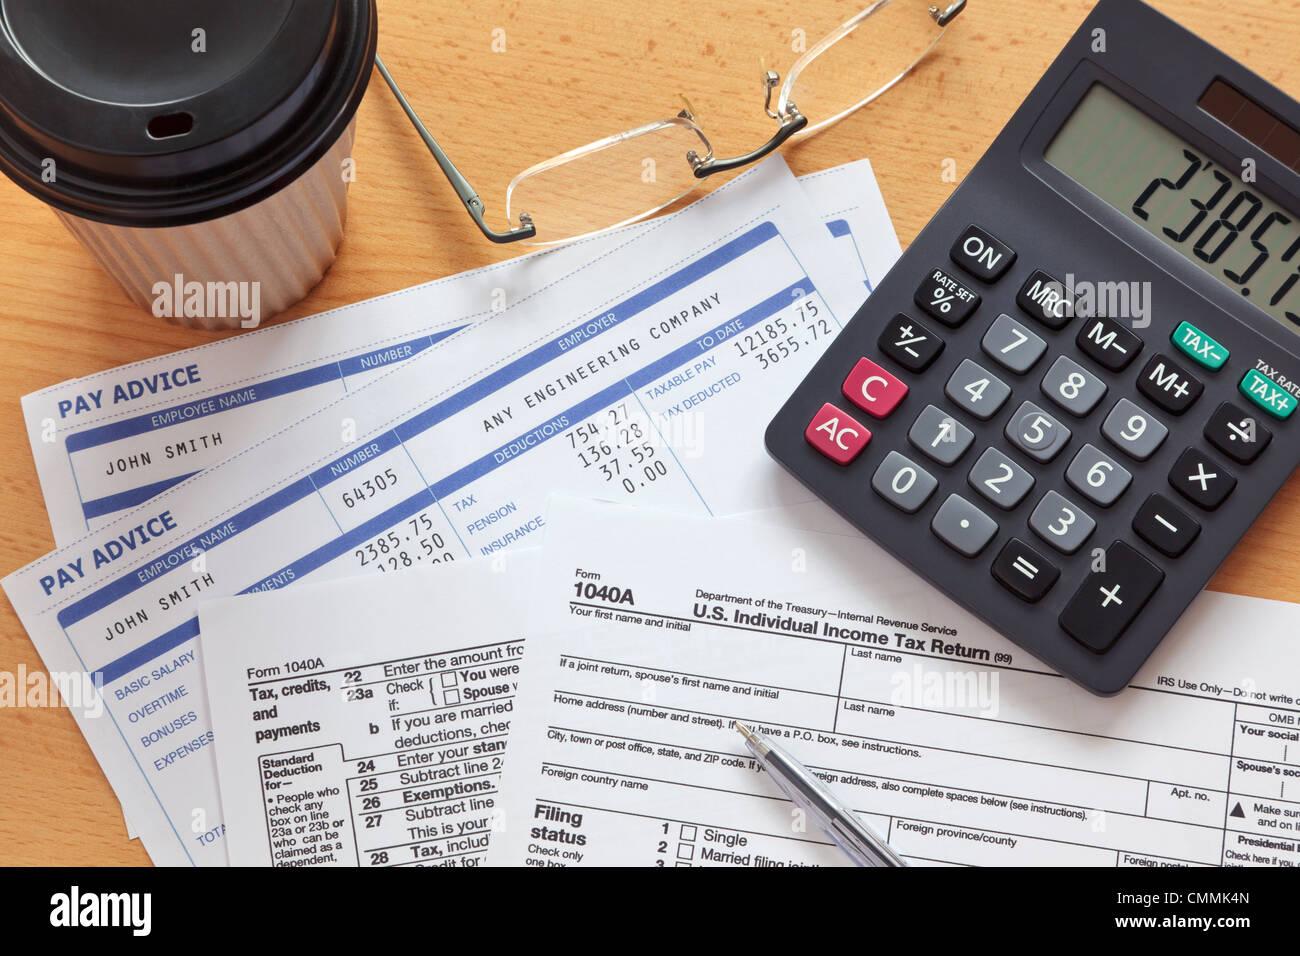 Foto von einem 1040A Steuererklärung mit Gehaltsabrechnungen und einen Taschenrechner. Stockbild